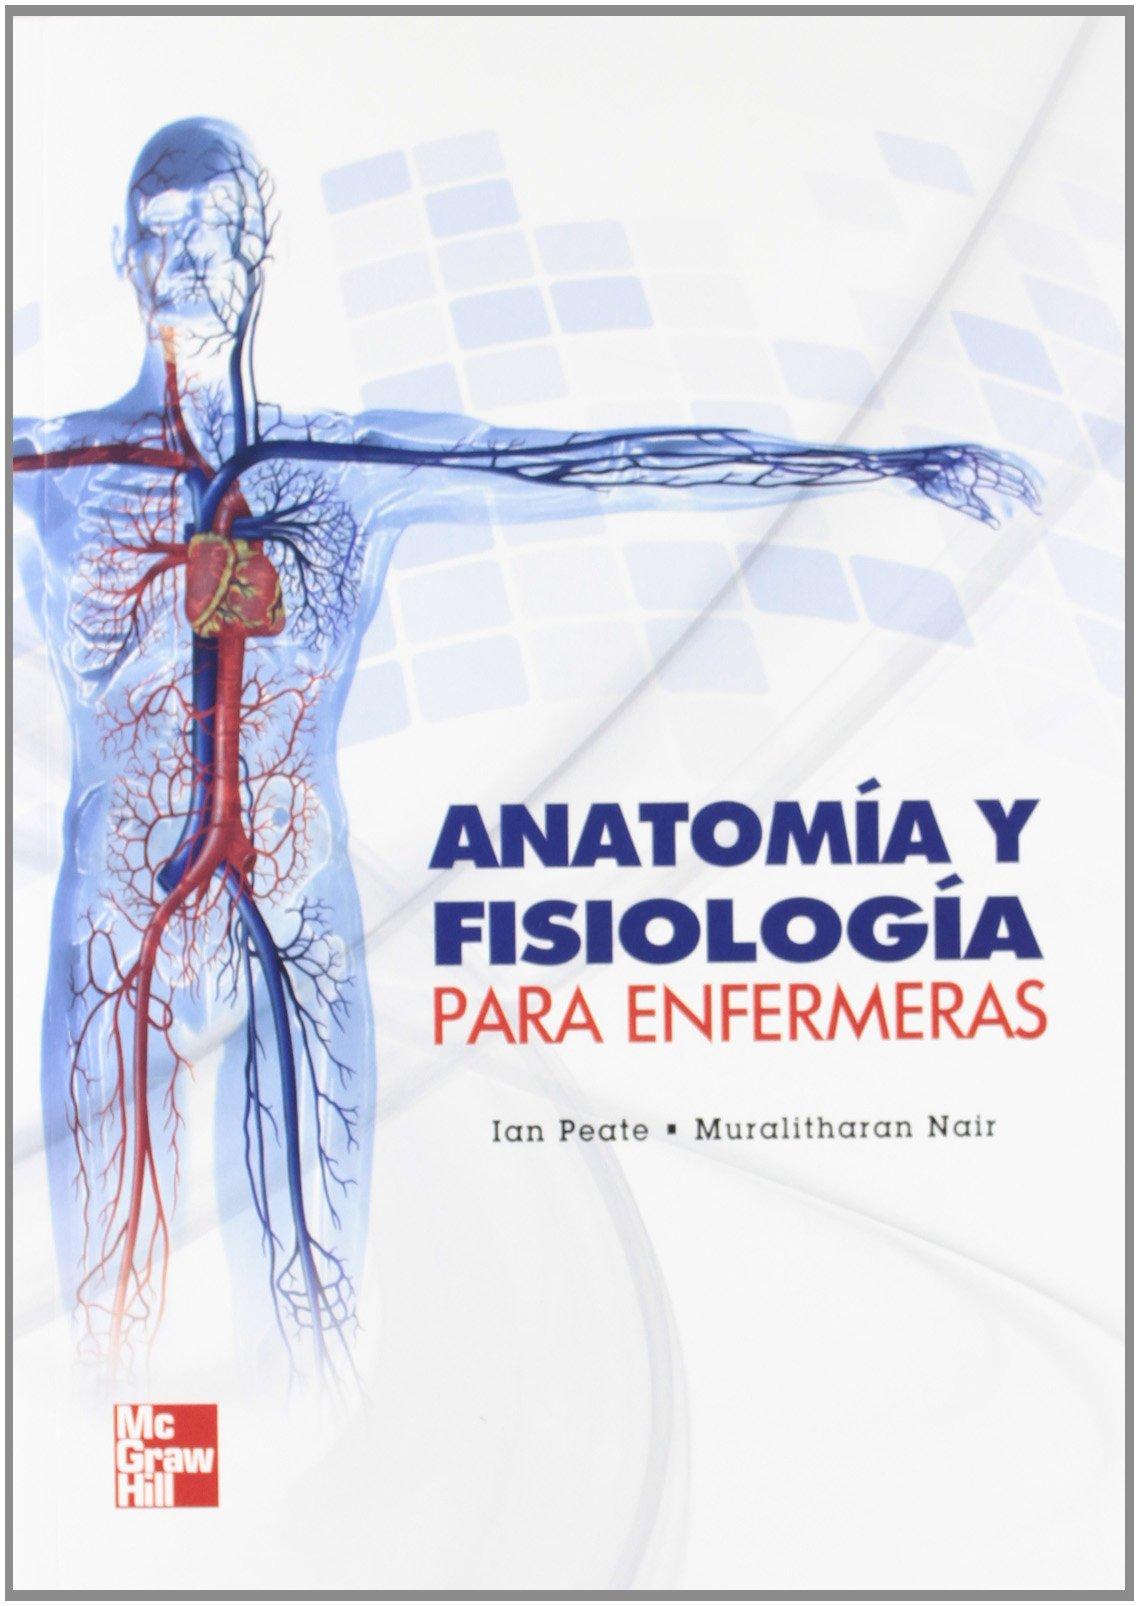 Anatomía Y Fisiología Para Enfermeras: Peate: Amazon.com.mx: Libros